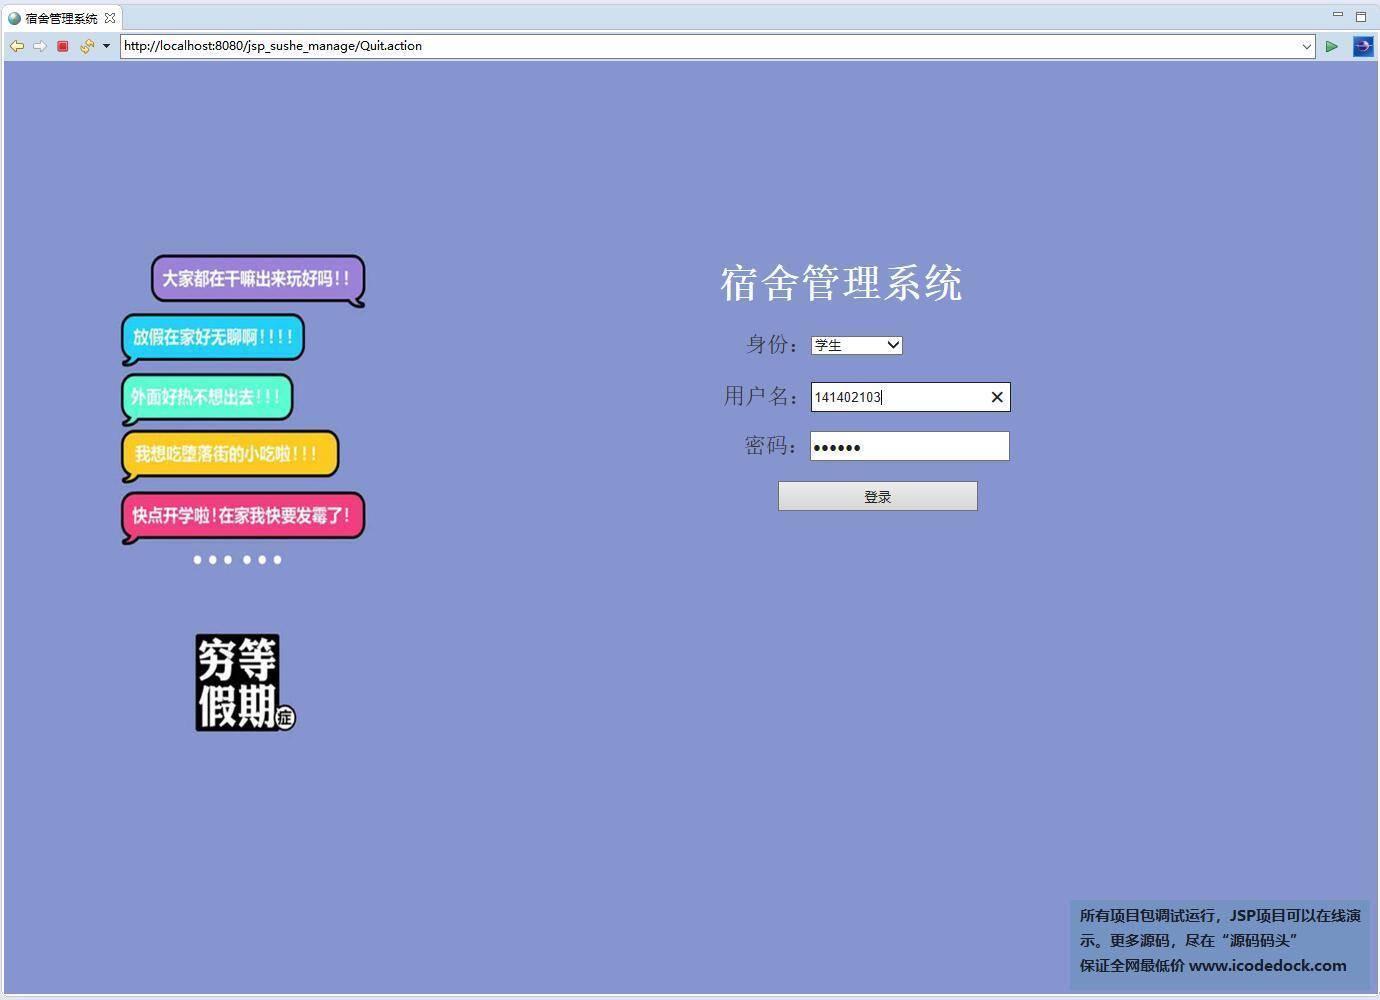 源码码头-JSP学校宿舍管理系统-学生角色-登录页面